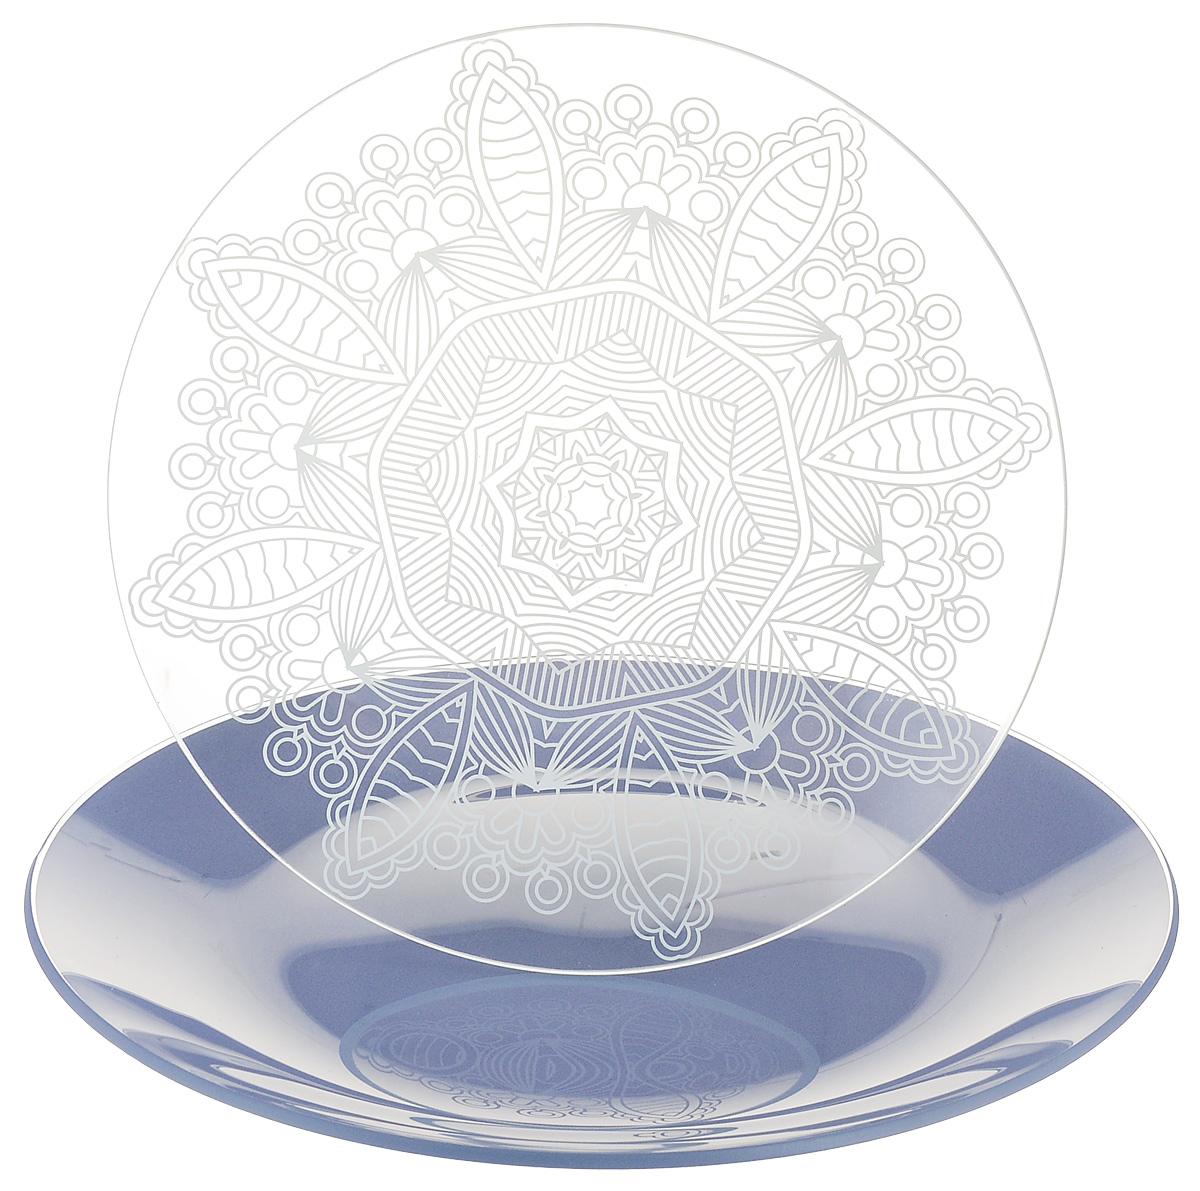 Набор тарелок NiNaGlass, цвет: голубой, диаметр 20 см, 2 шт85-200-149псНабор тарелок NiNaGlass Кружево и Палитра выполнена из высококачественного стекла, декорирована под Вологодское кружево и подстановочная тарелка яркий насыщенный цвет. Набор идеален для подачи горячих блюд, сервировки праздничного стола, нарезок, салатов, овощей и фруктов. Он отлично подойдет как для повседневных, так и для торжественных случаев. Такой набор прекрасно впишется в интерьер вашей кухни и станет достойным дополнением к кухонному инвентарю.